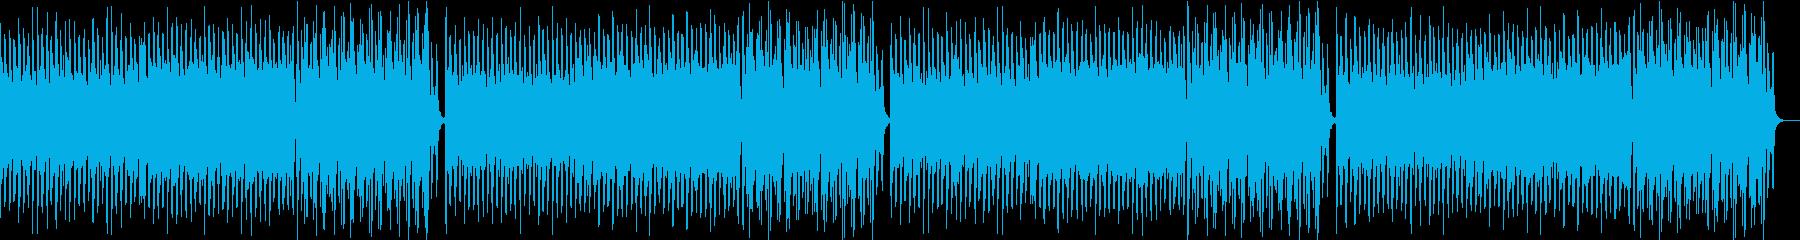 コミカルオーケストラ/カラオケの再生済みの波形